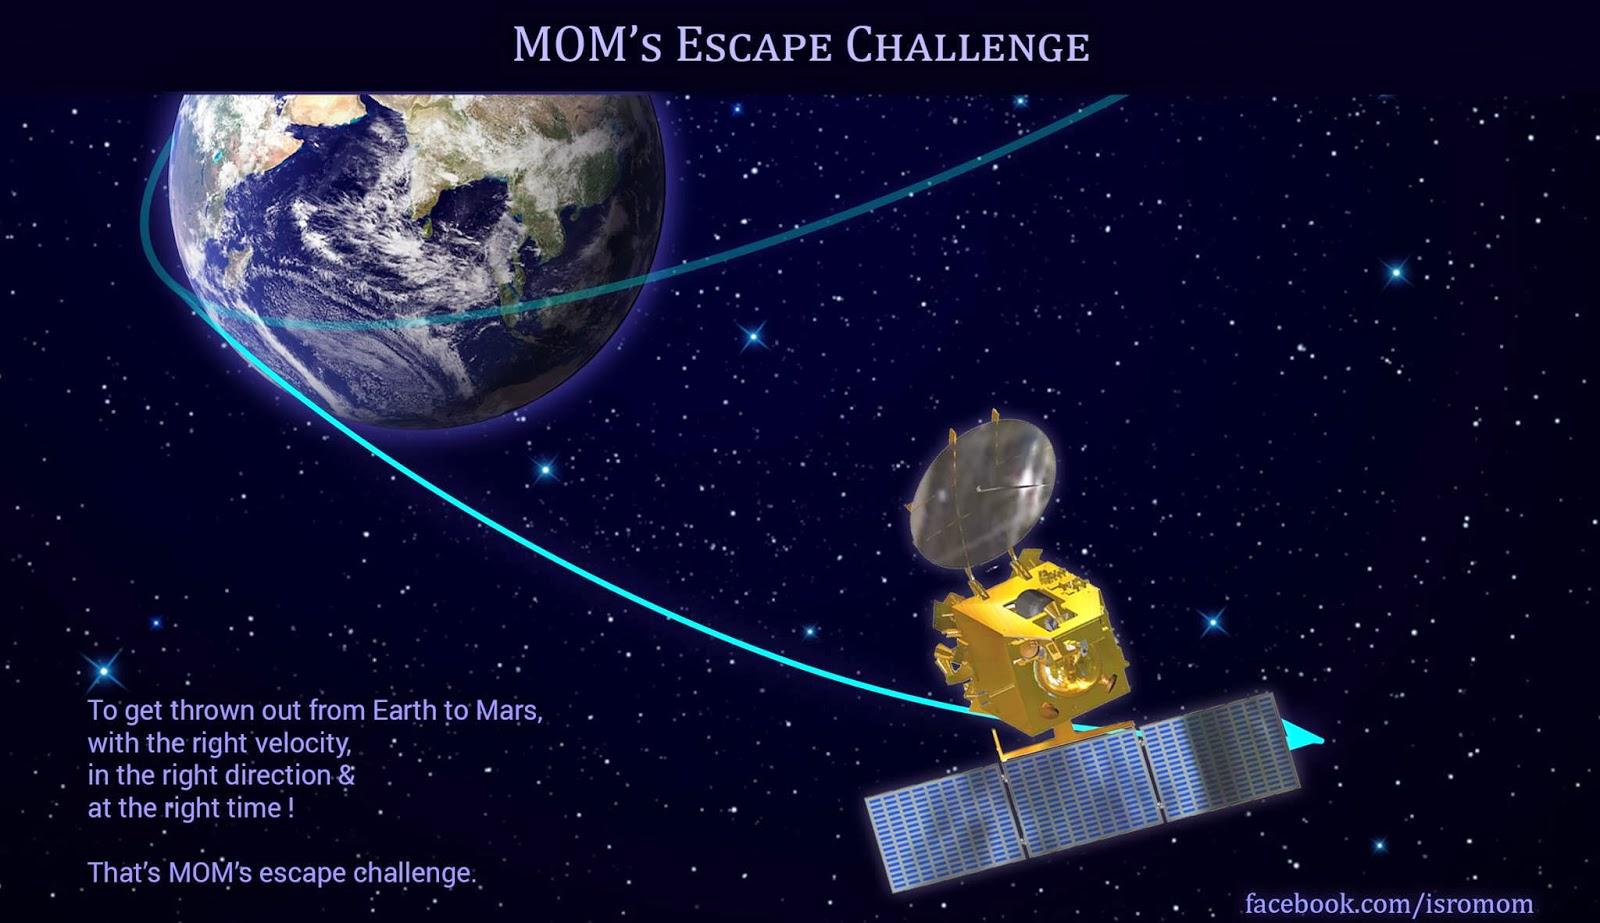 Mars Orbiter Mission India 2013 India's Mars Mission